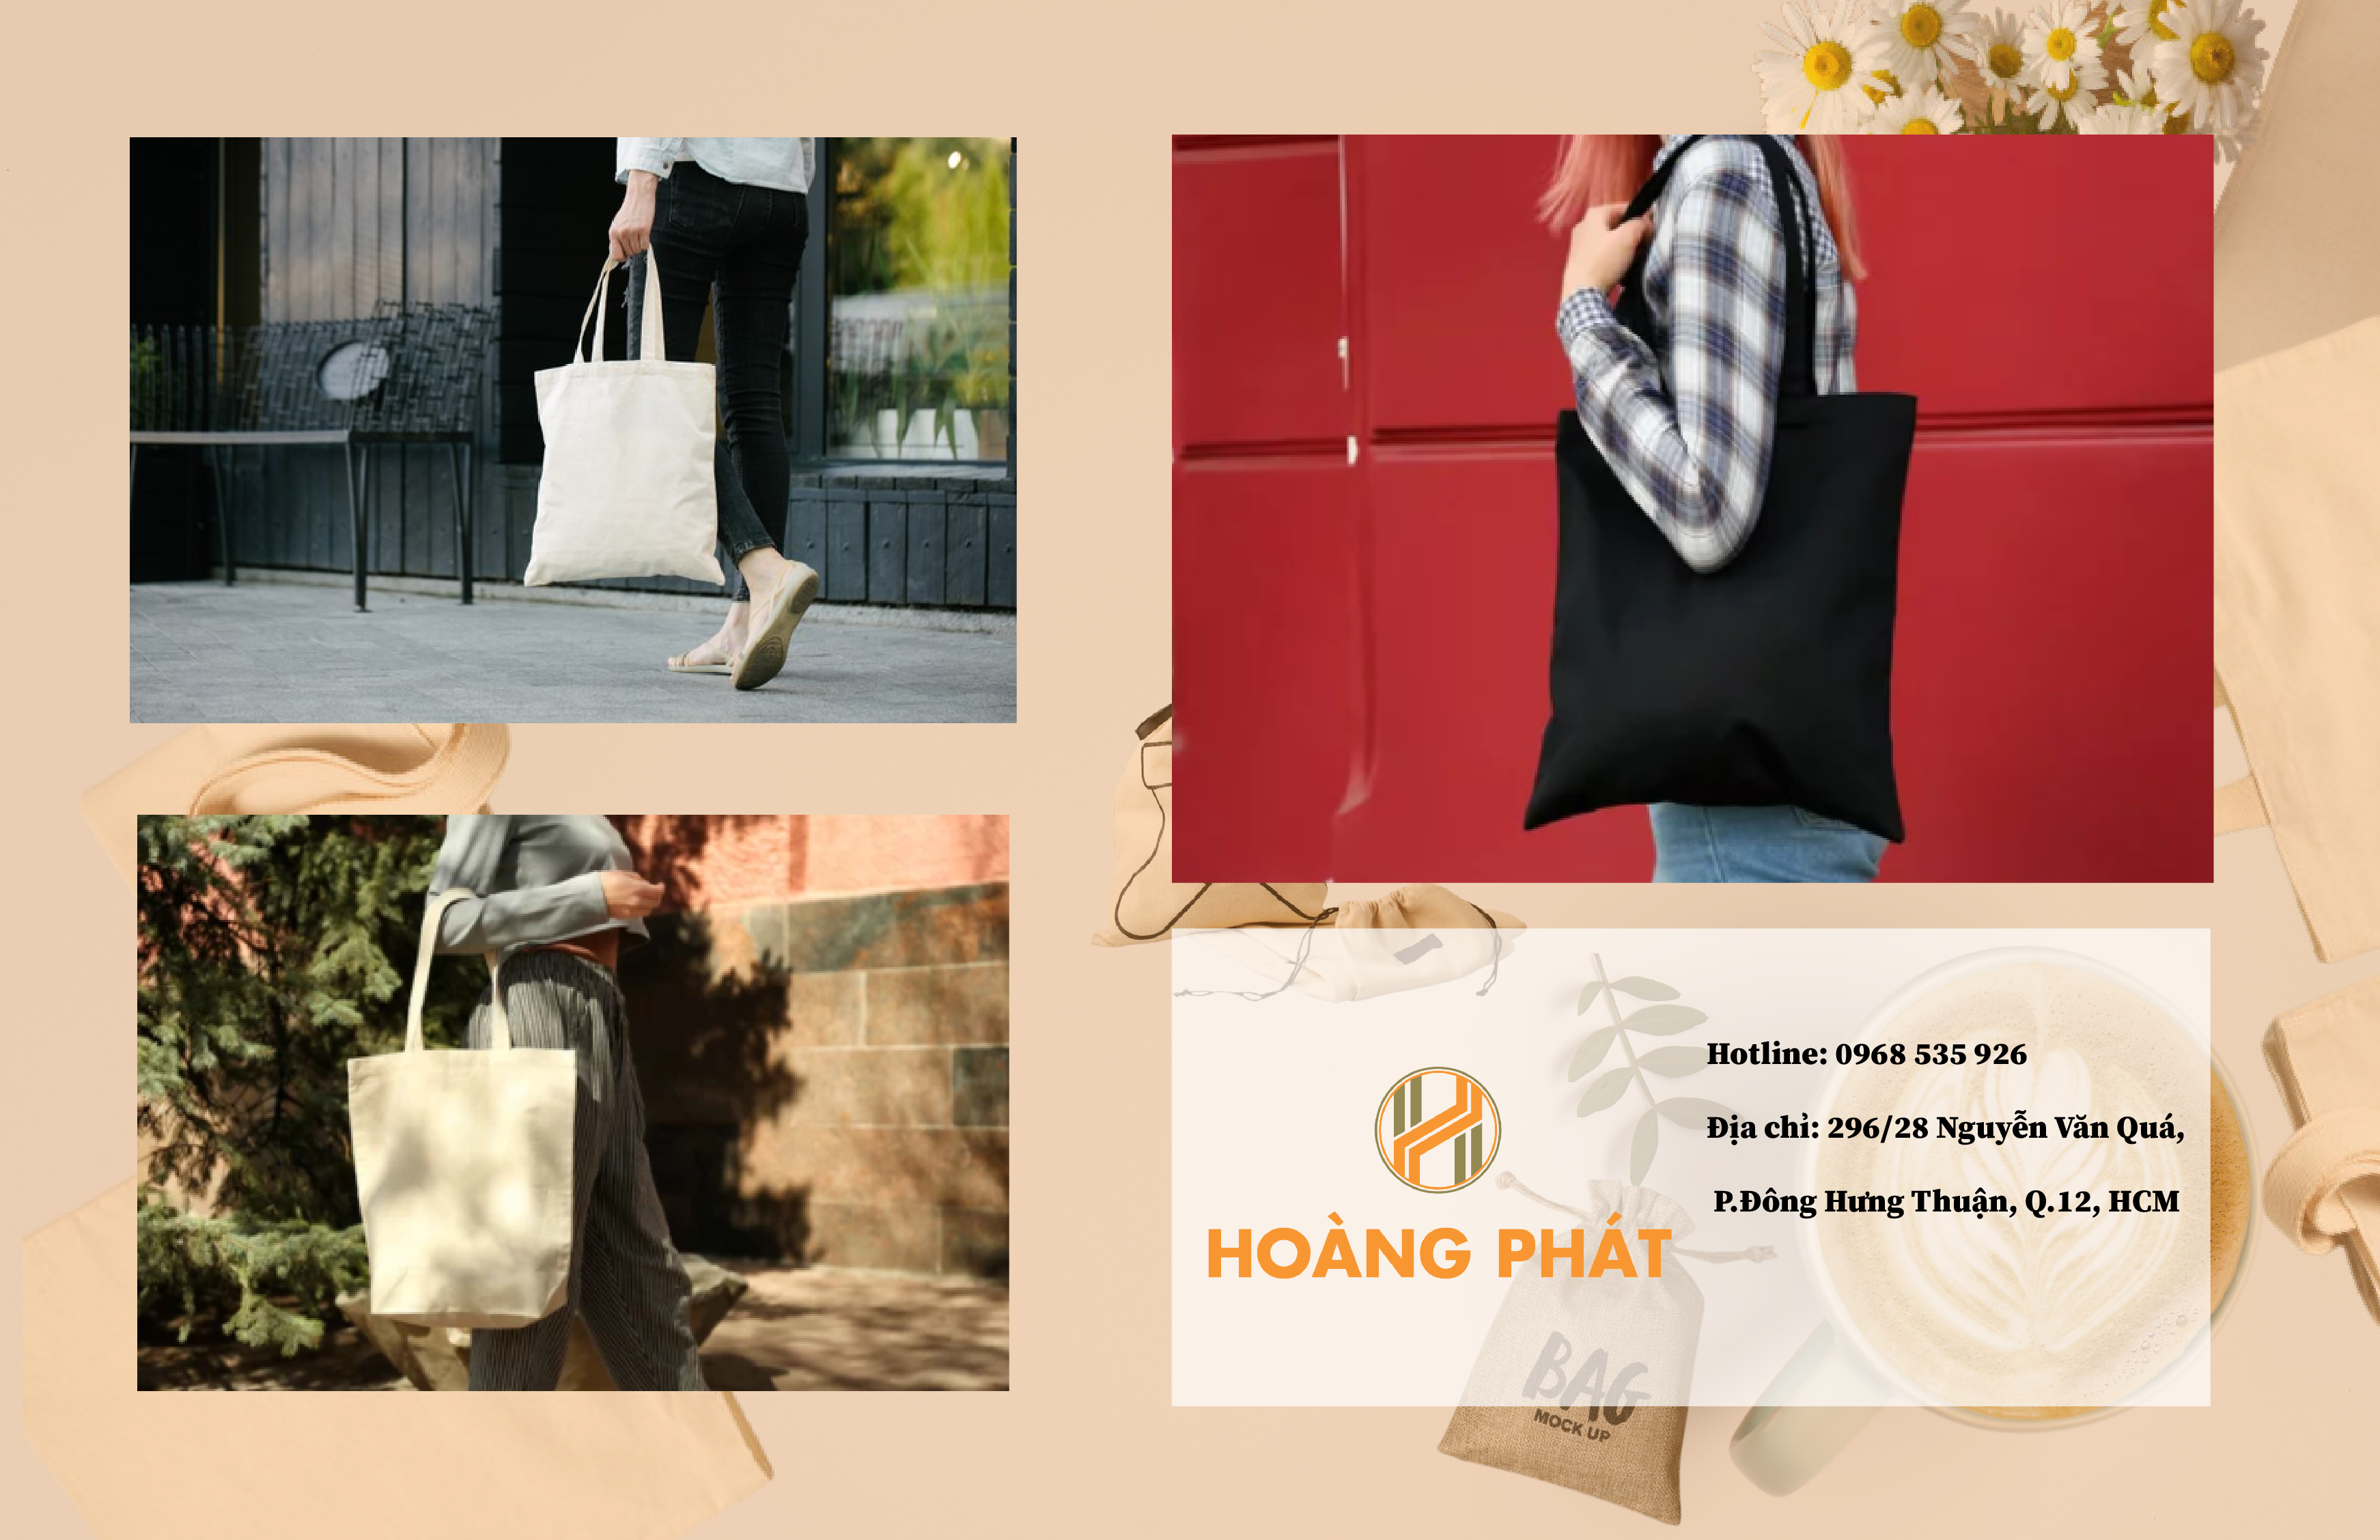 Hoàng Phát luôn đồng hành cùng học sinh với những mẫu túi vải chất lượng